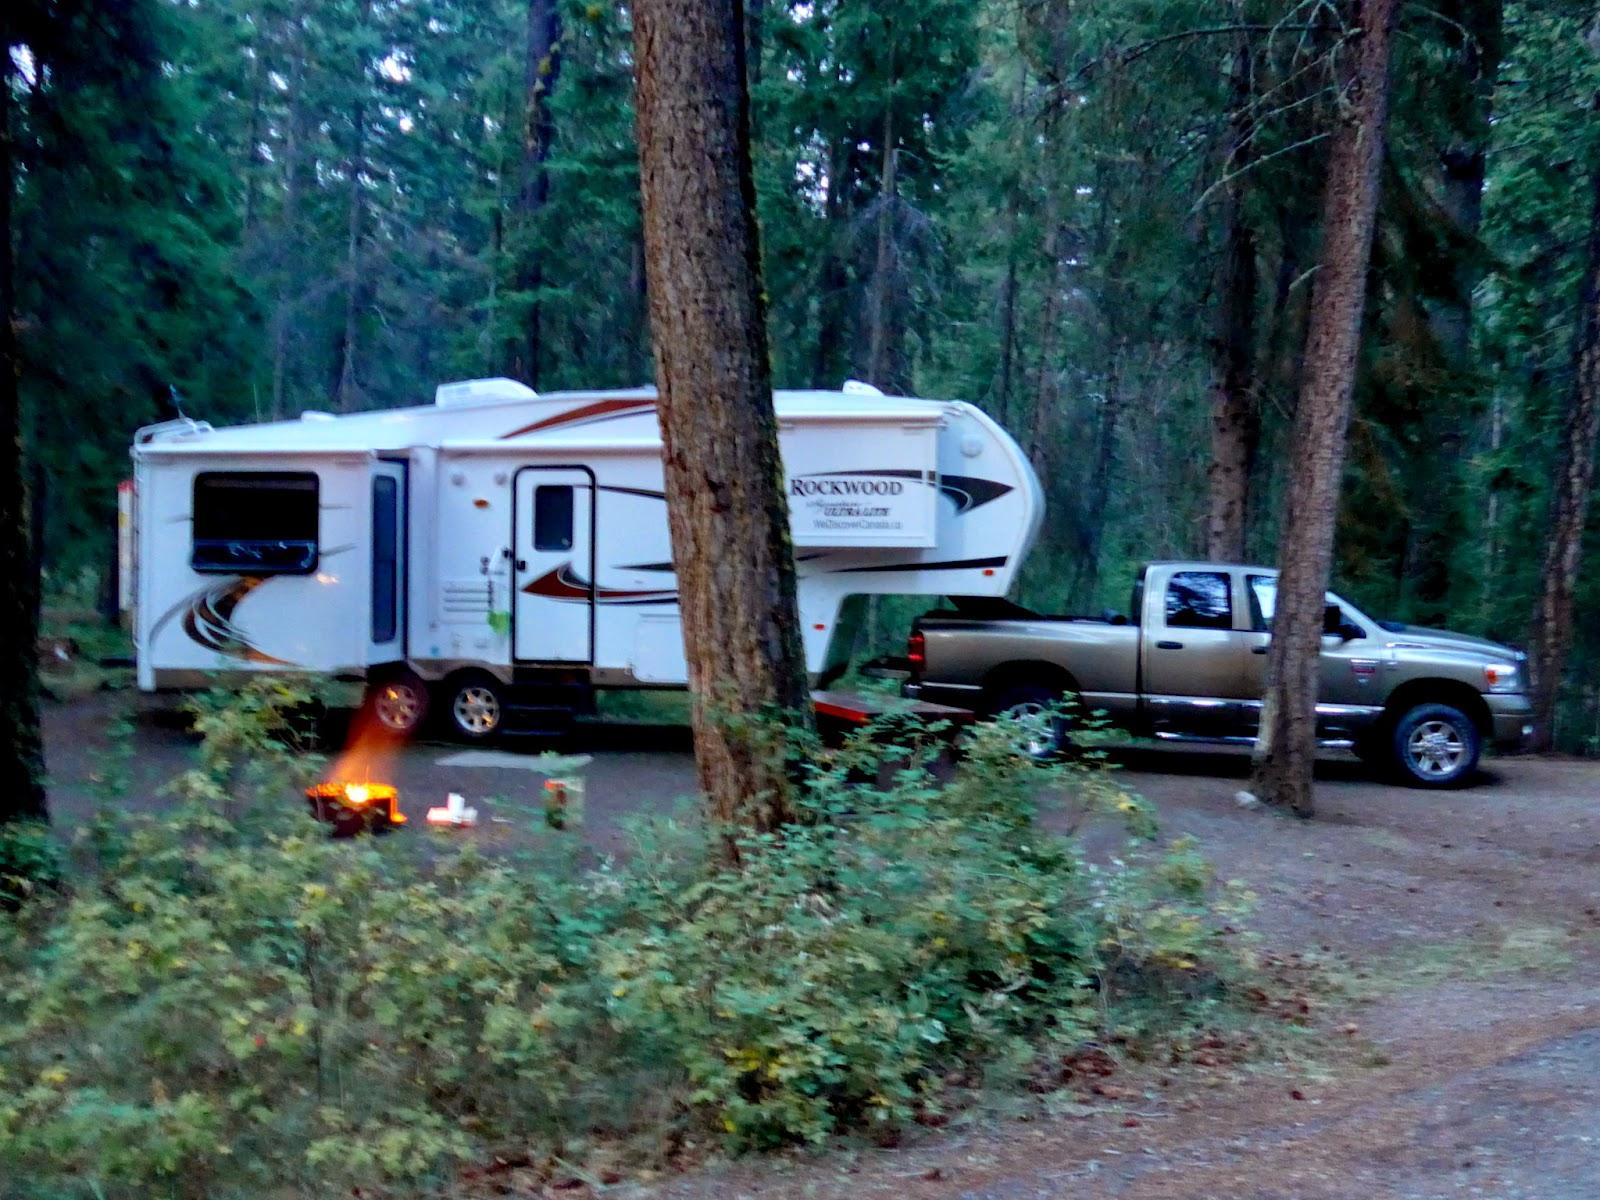 Camp set up at Lac La Hache Provinical Park. Wonderful.